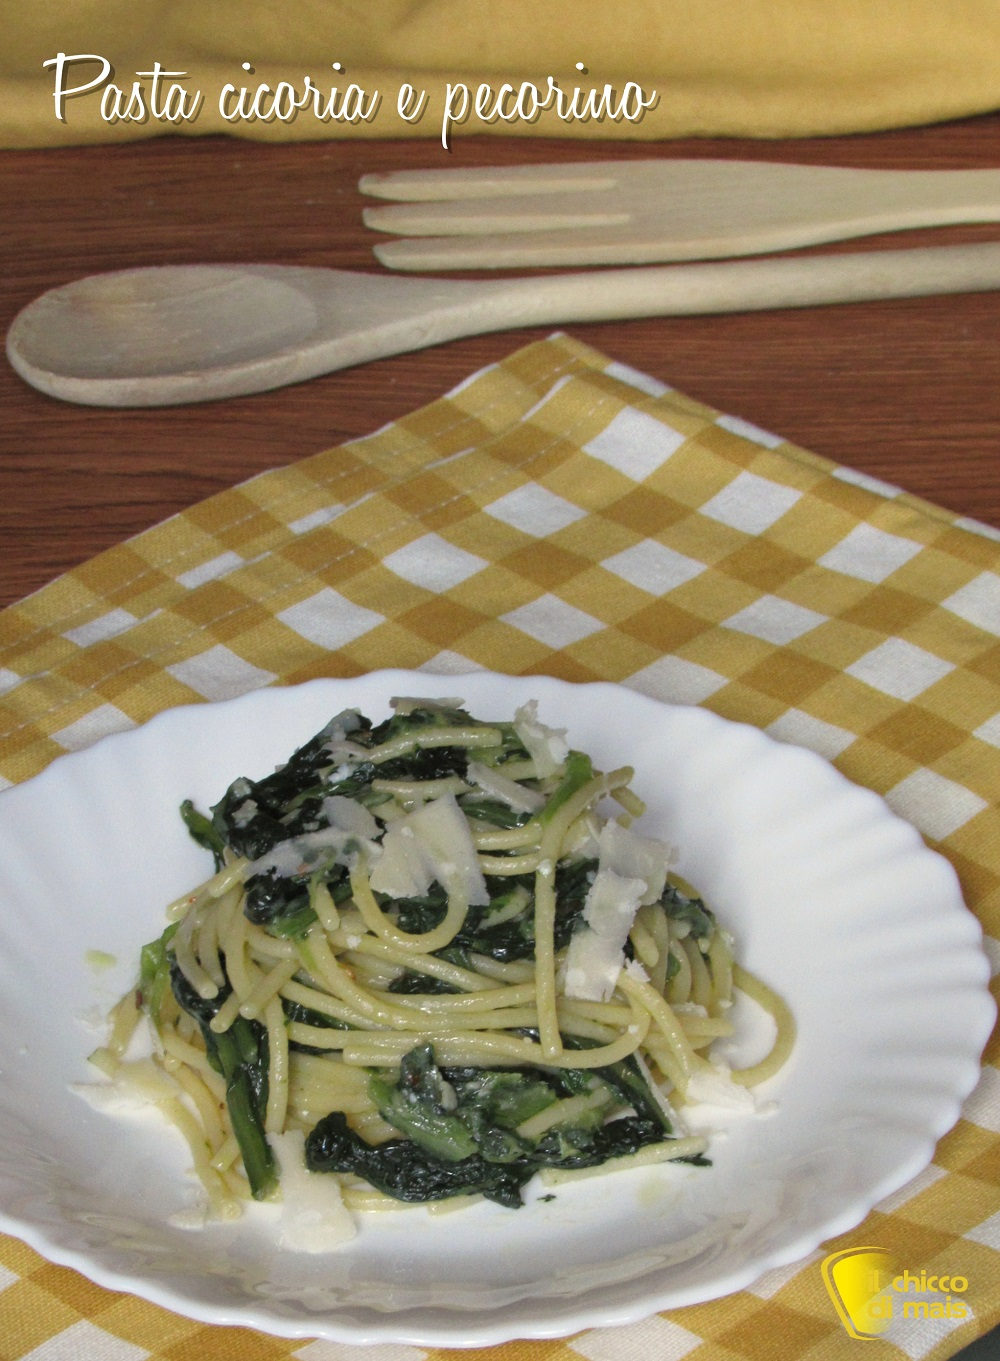 verticale_Pasta cicoria e pecorino cremosa mantecata ricetta spaghetti con cicoria il chicco di mais